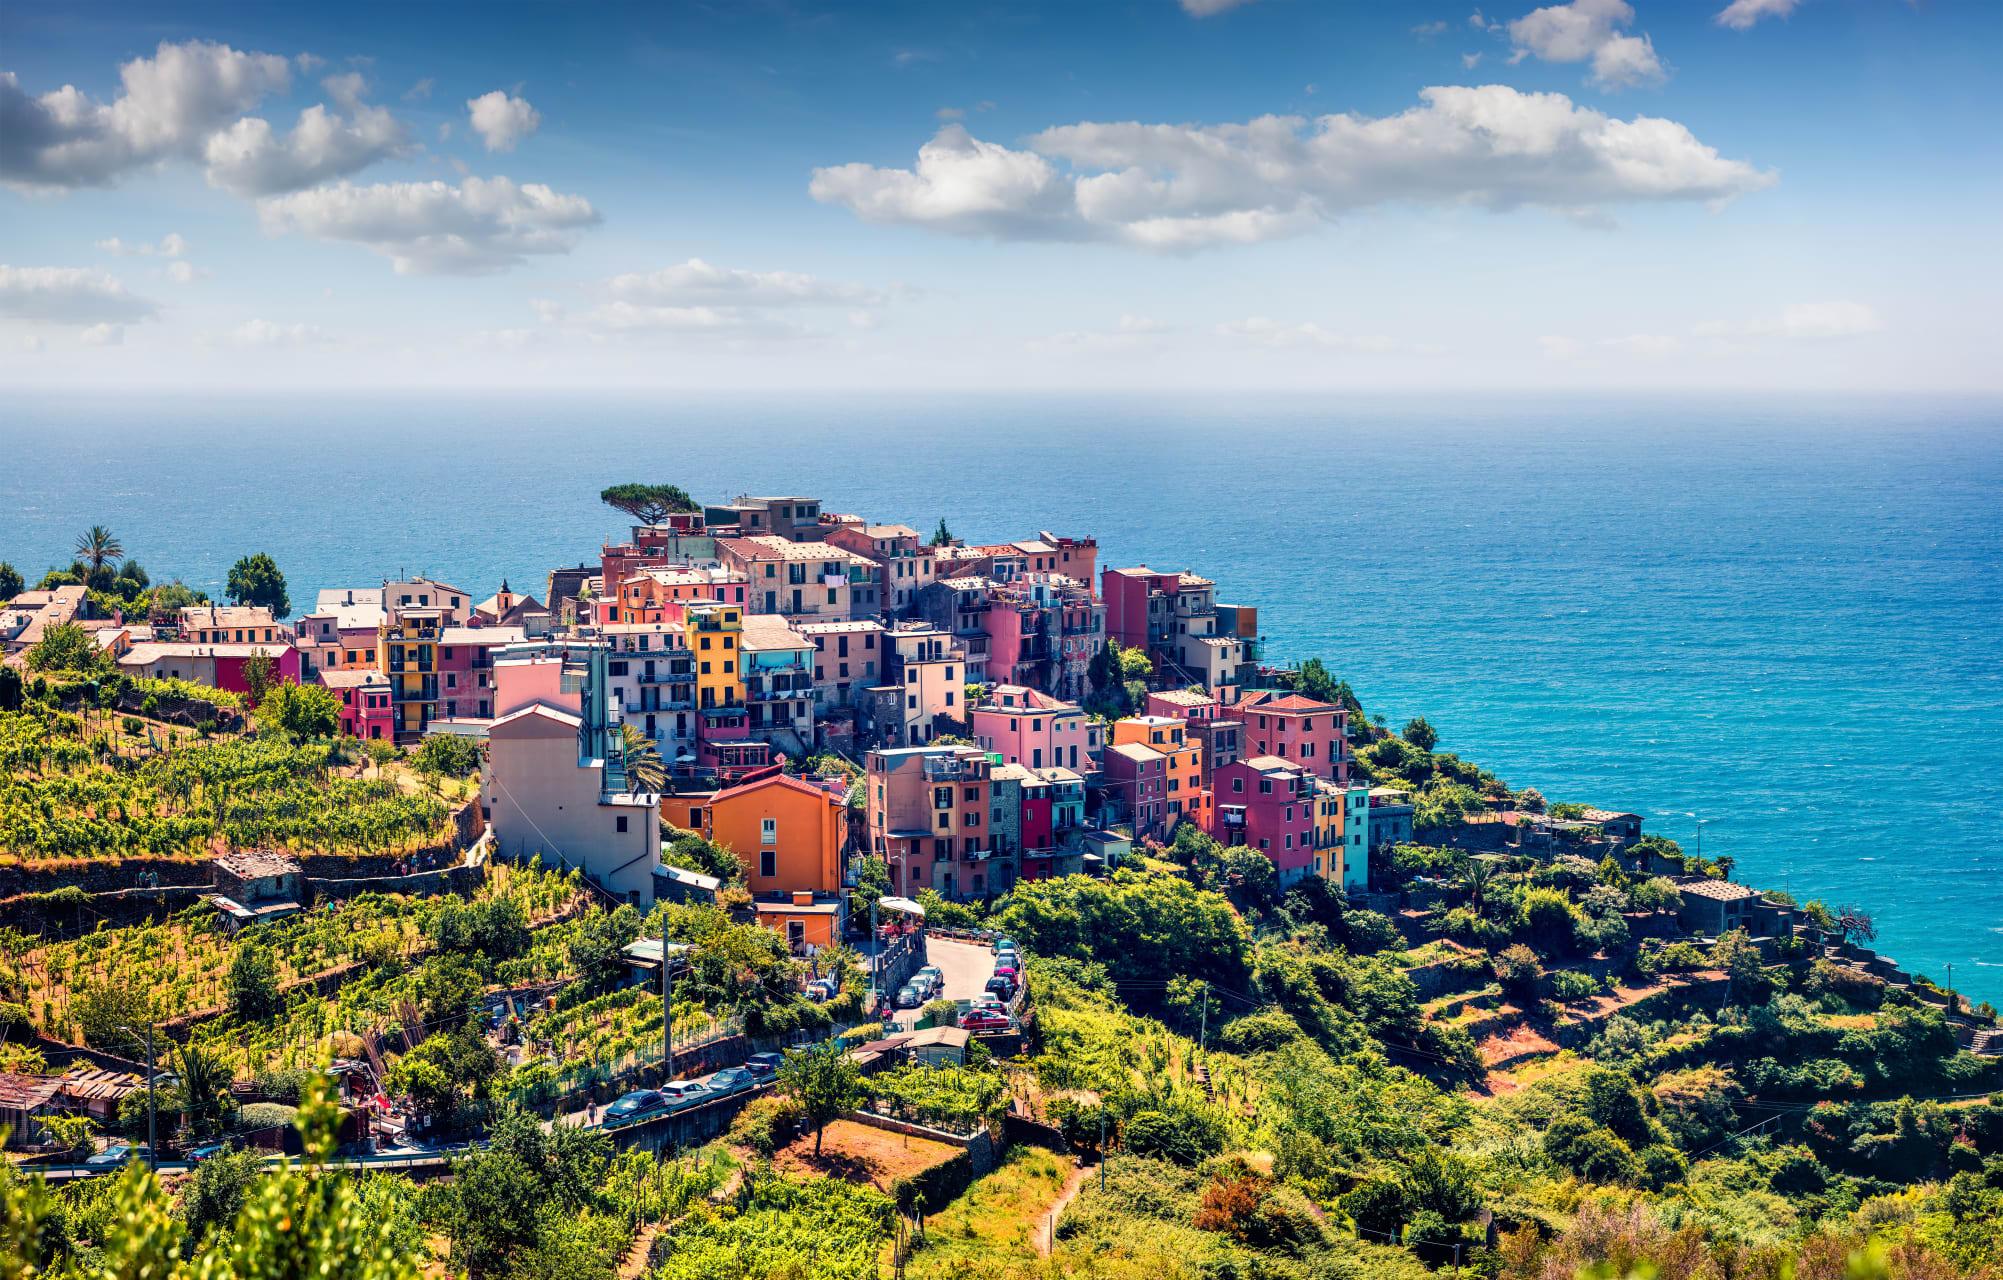 Cinque Terre & Portovenere - Corniglia – the most isolated!